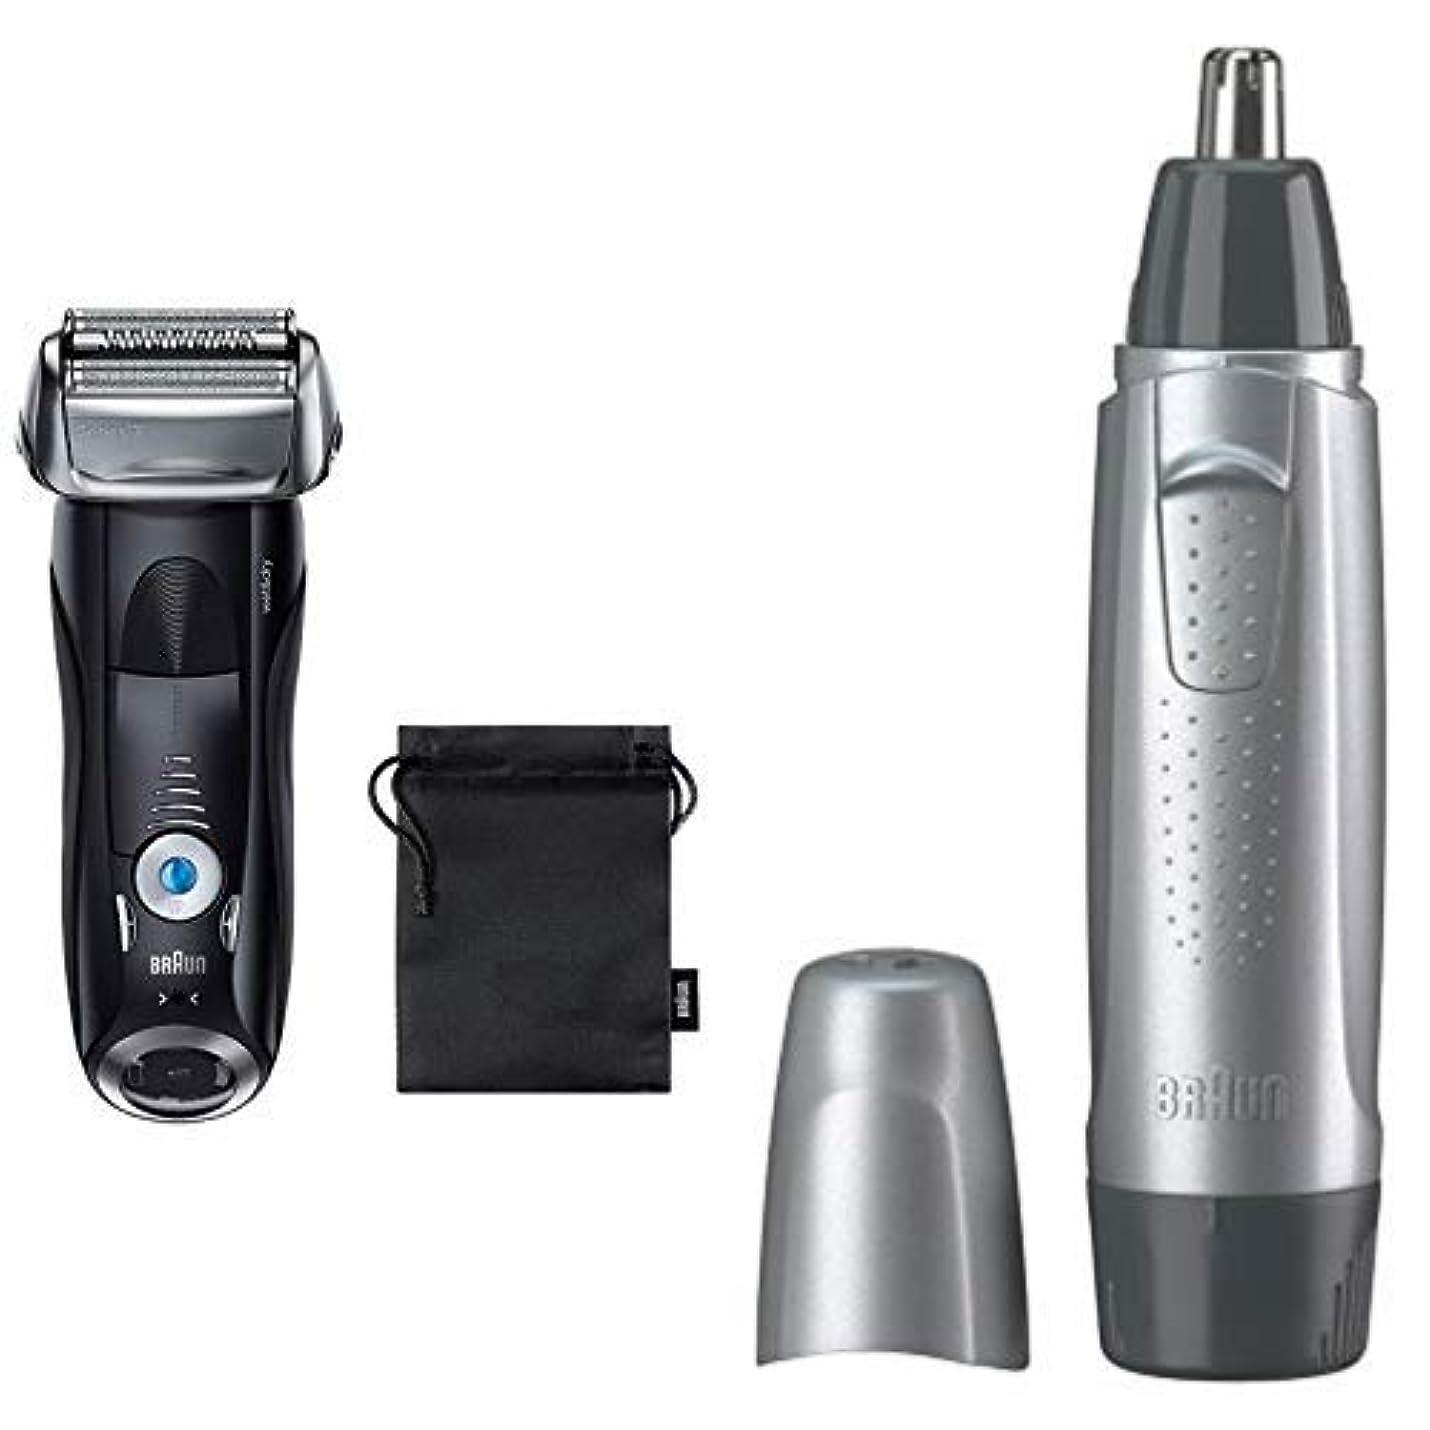 朝現象前述の【セット買い】ブラウン メンズ電気シェーバー シリーズ7 7842s-P + 鼻毛カッター EN10